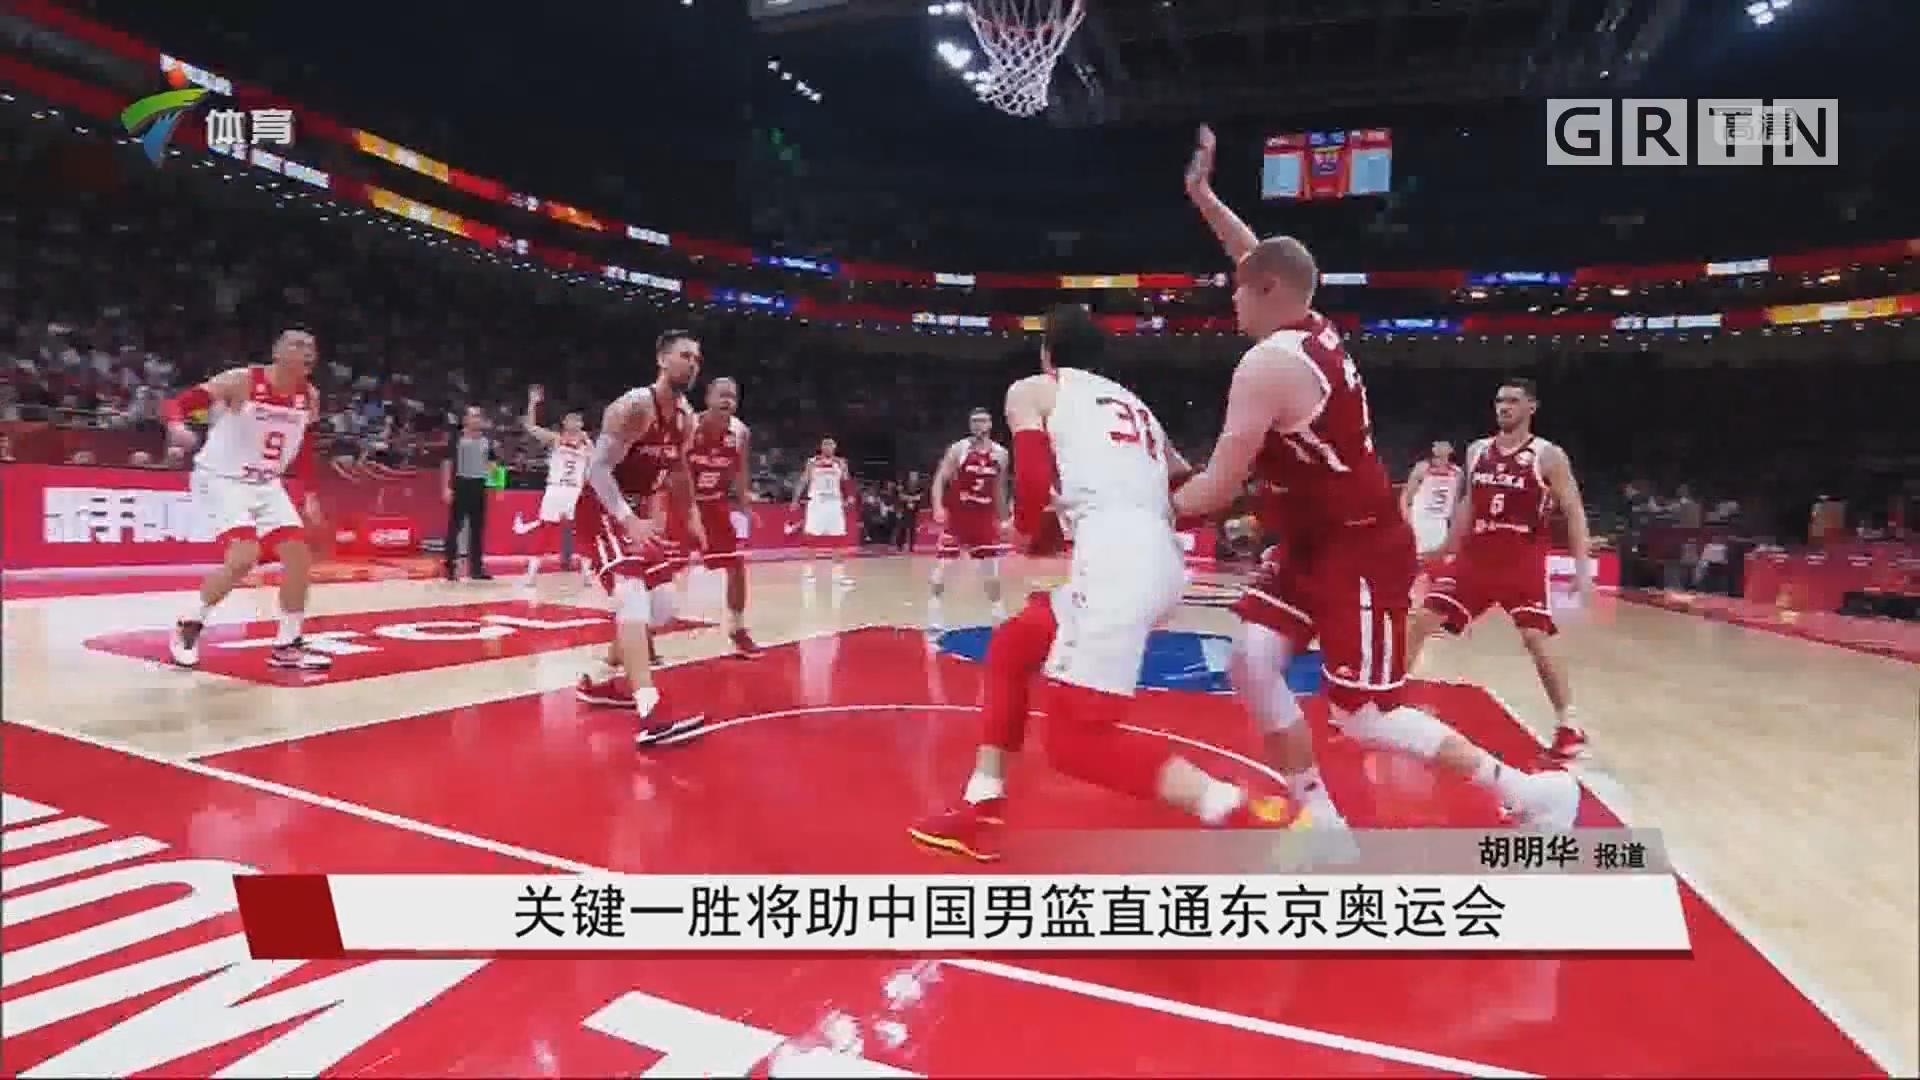 关键一胜将助中国男篮直通东京奥运会